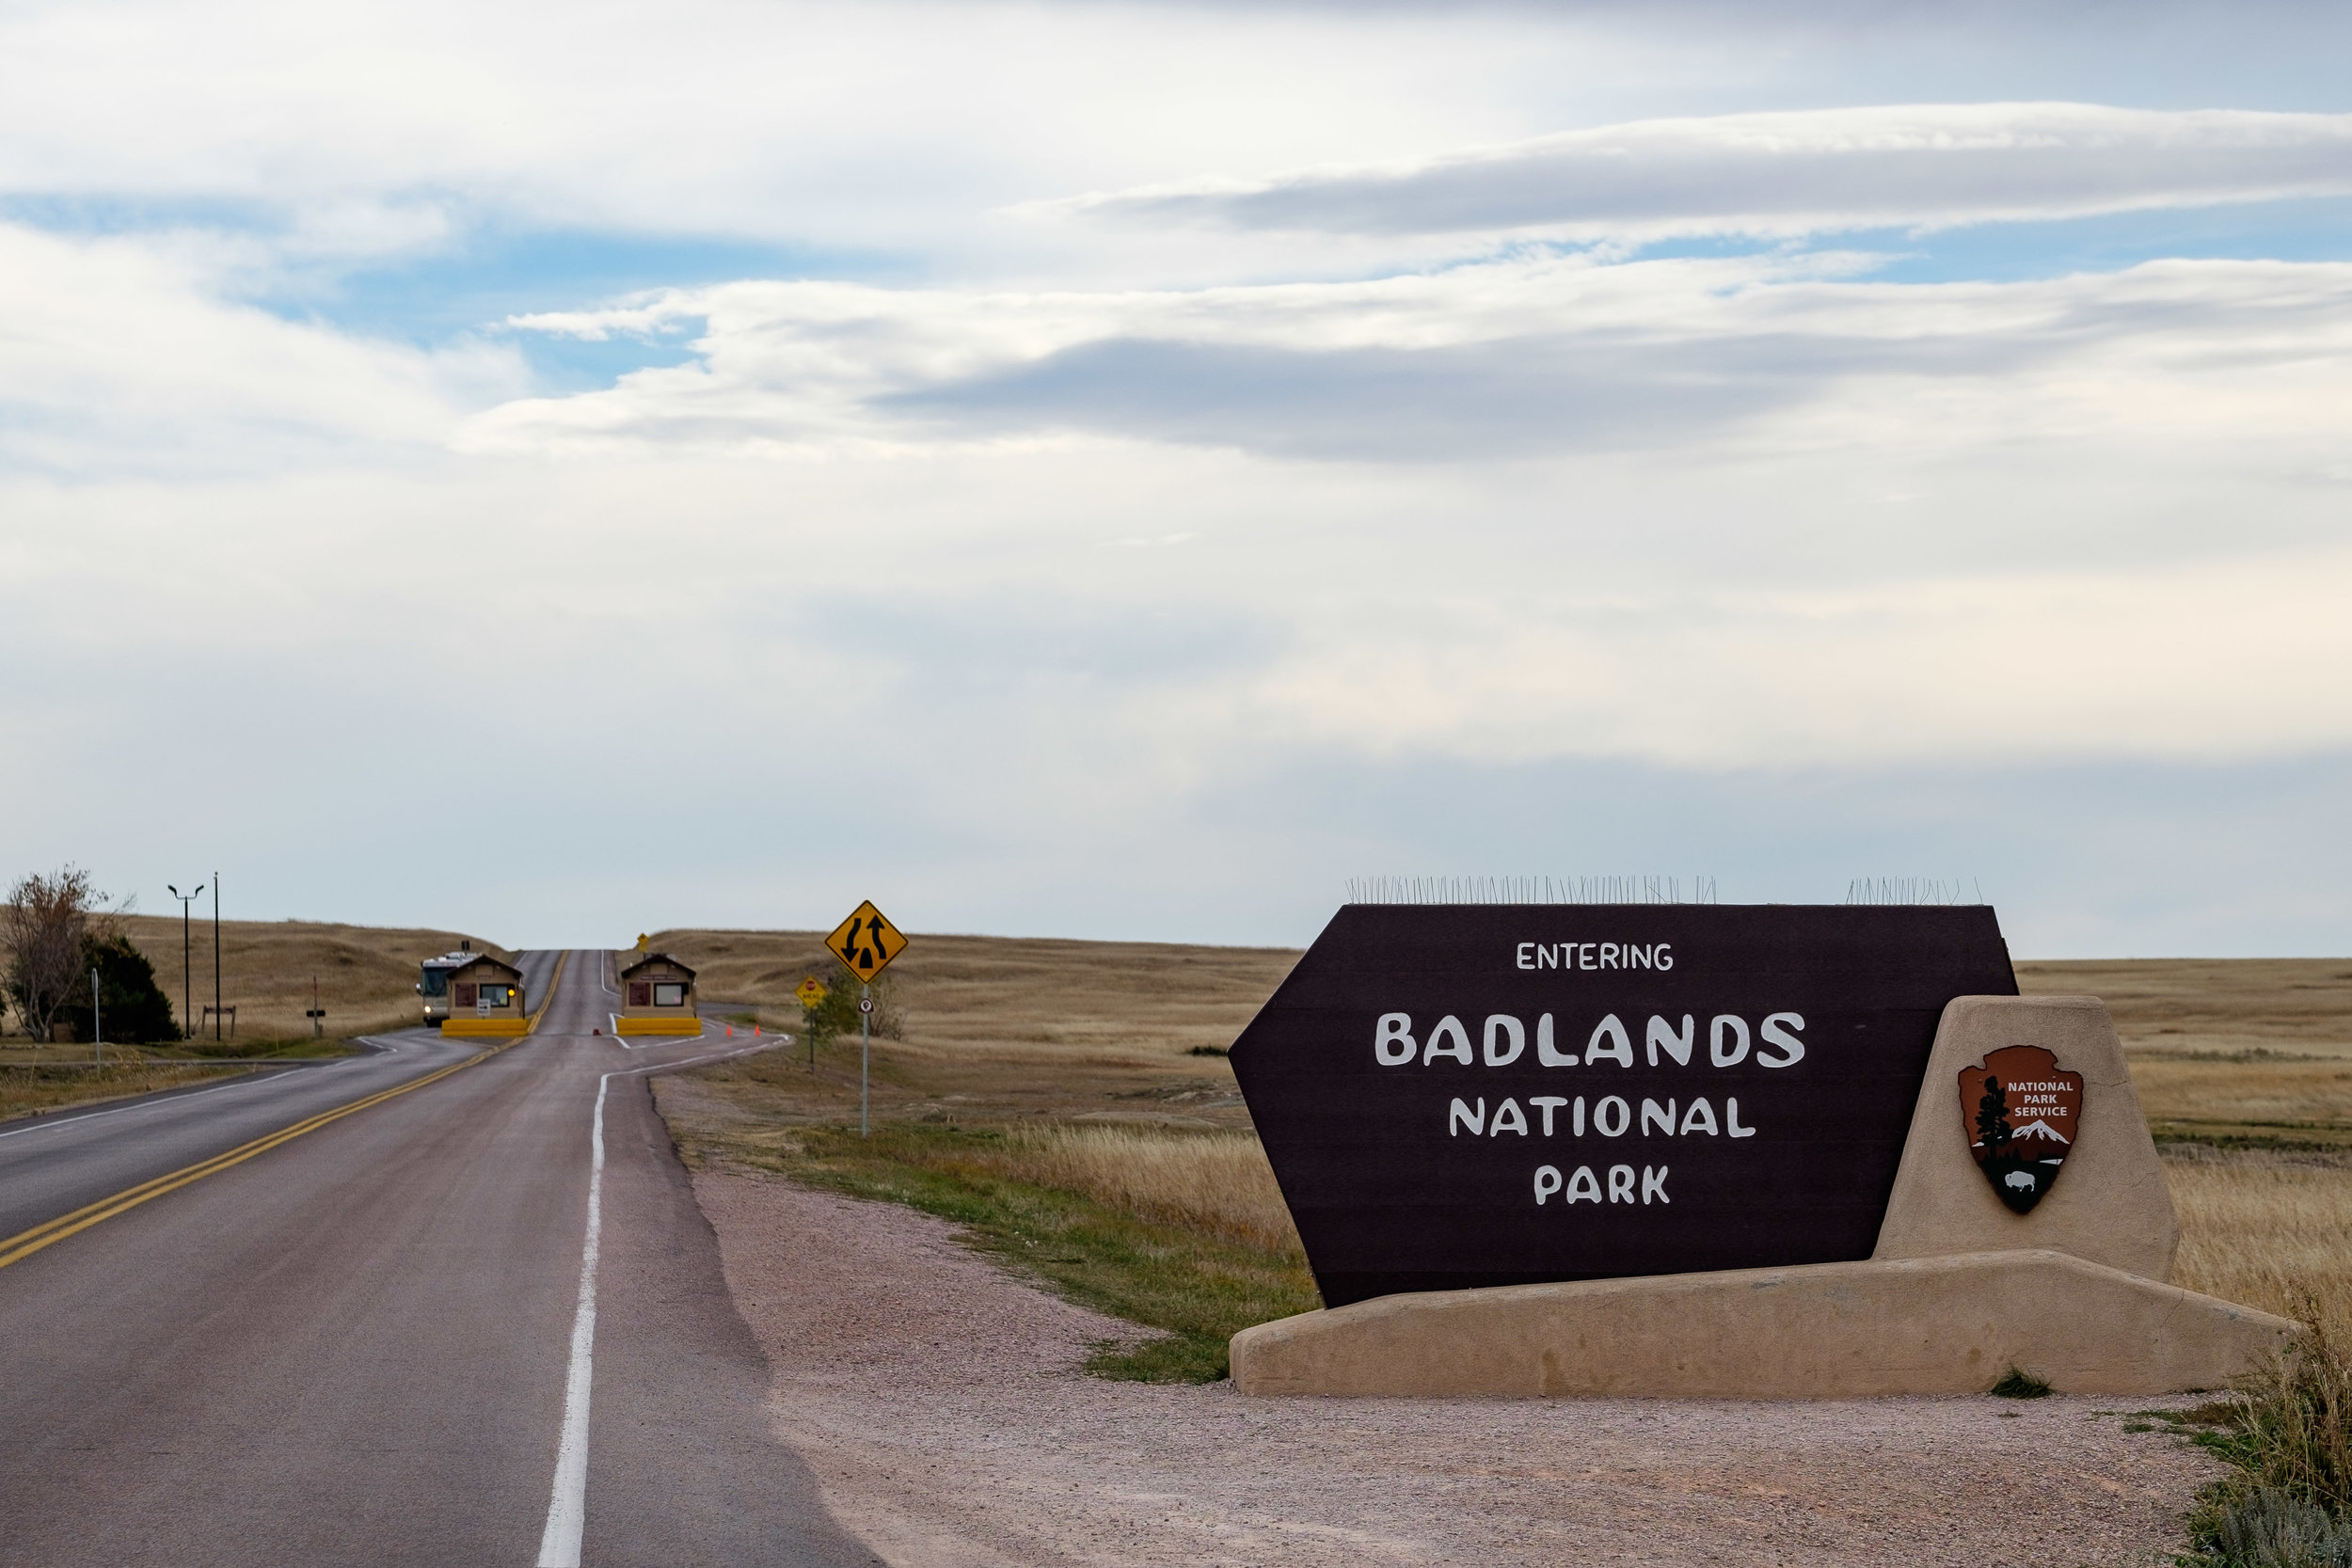 Entrance sign at Badlands in South Dakota.